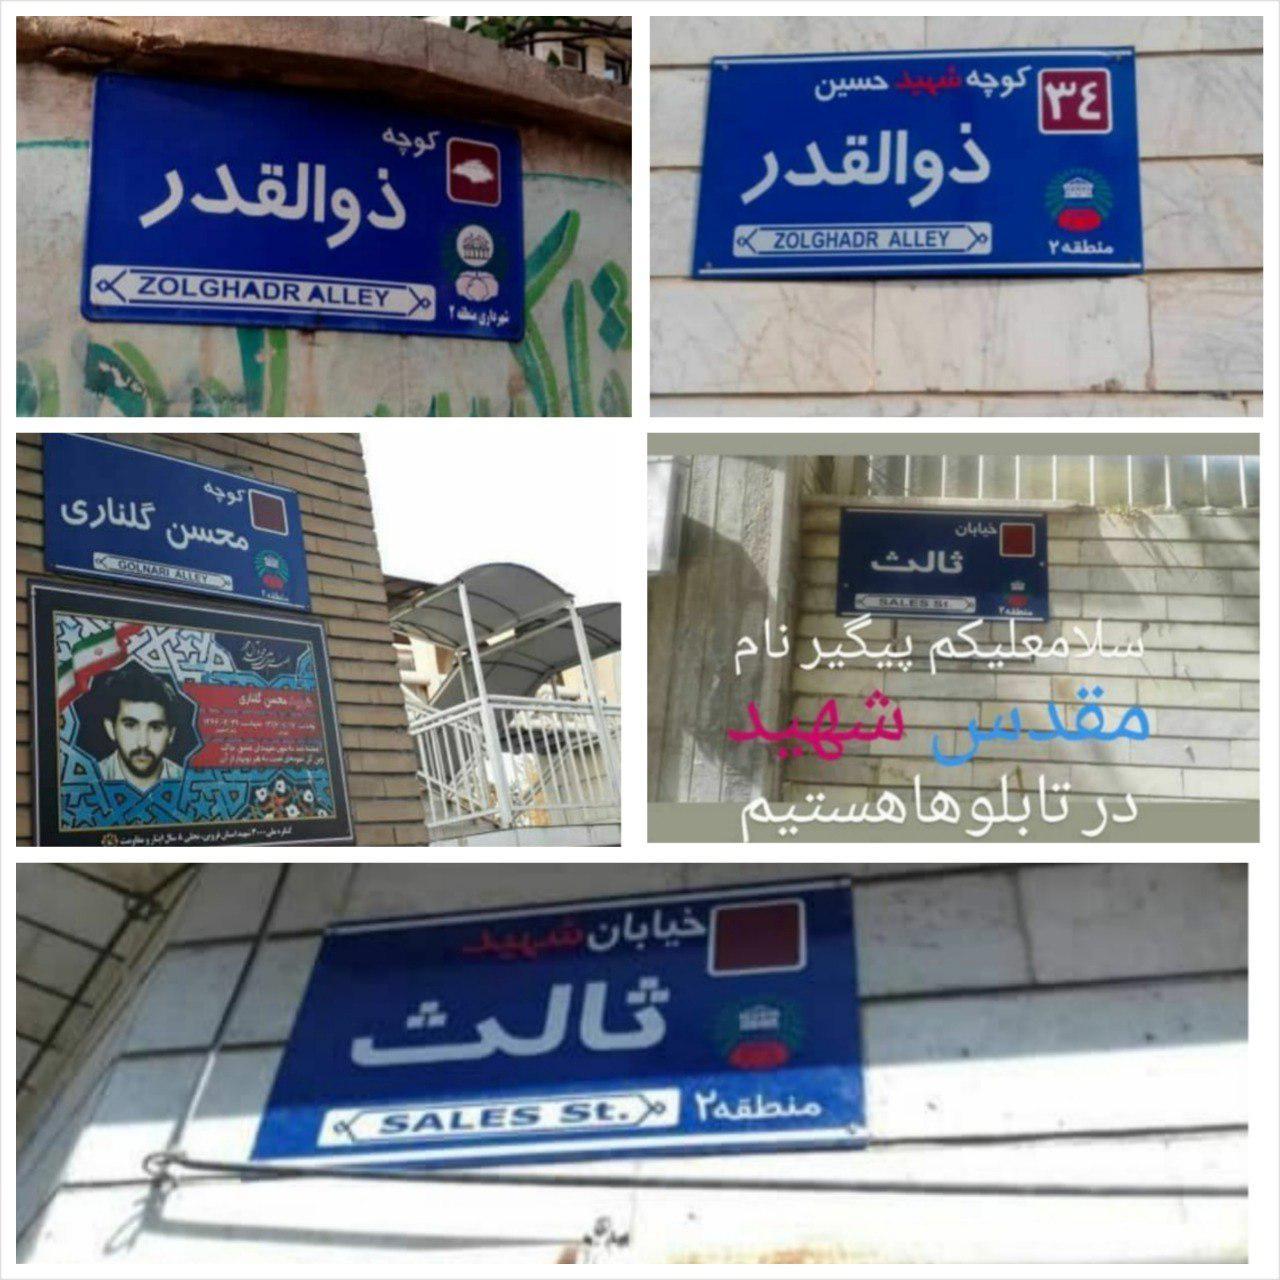 حذف عنوان شهید به کوچههای شهر قزوین رسید/ سازمان زیباسازی شهرداری: تابلوهای اعلام شده اصلاح شد +تصاویر